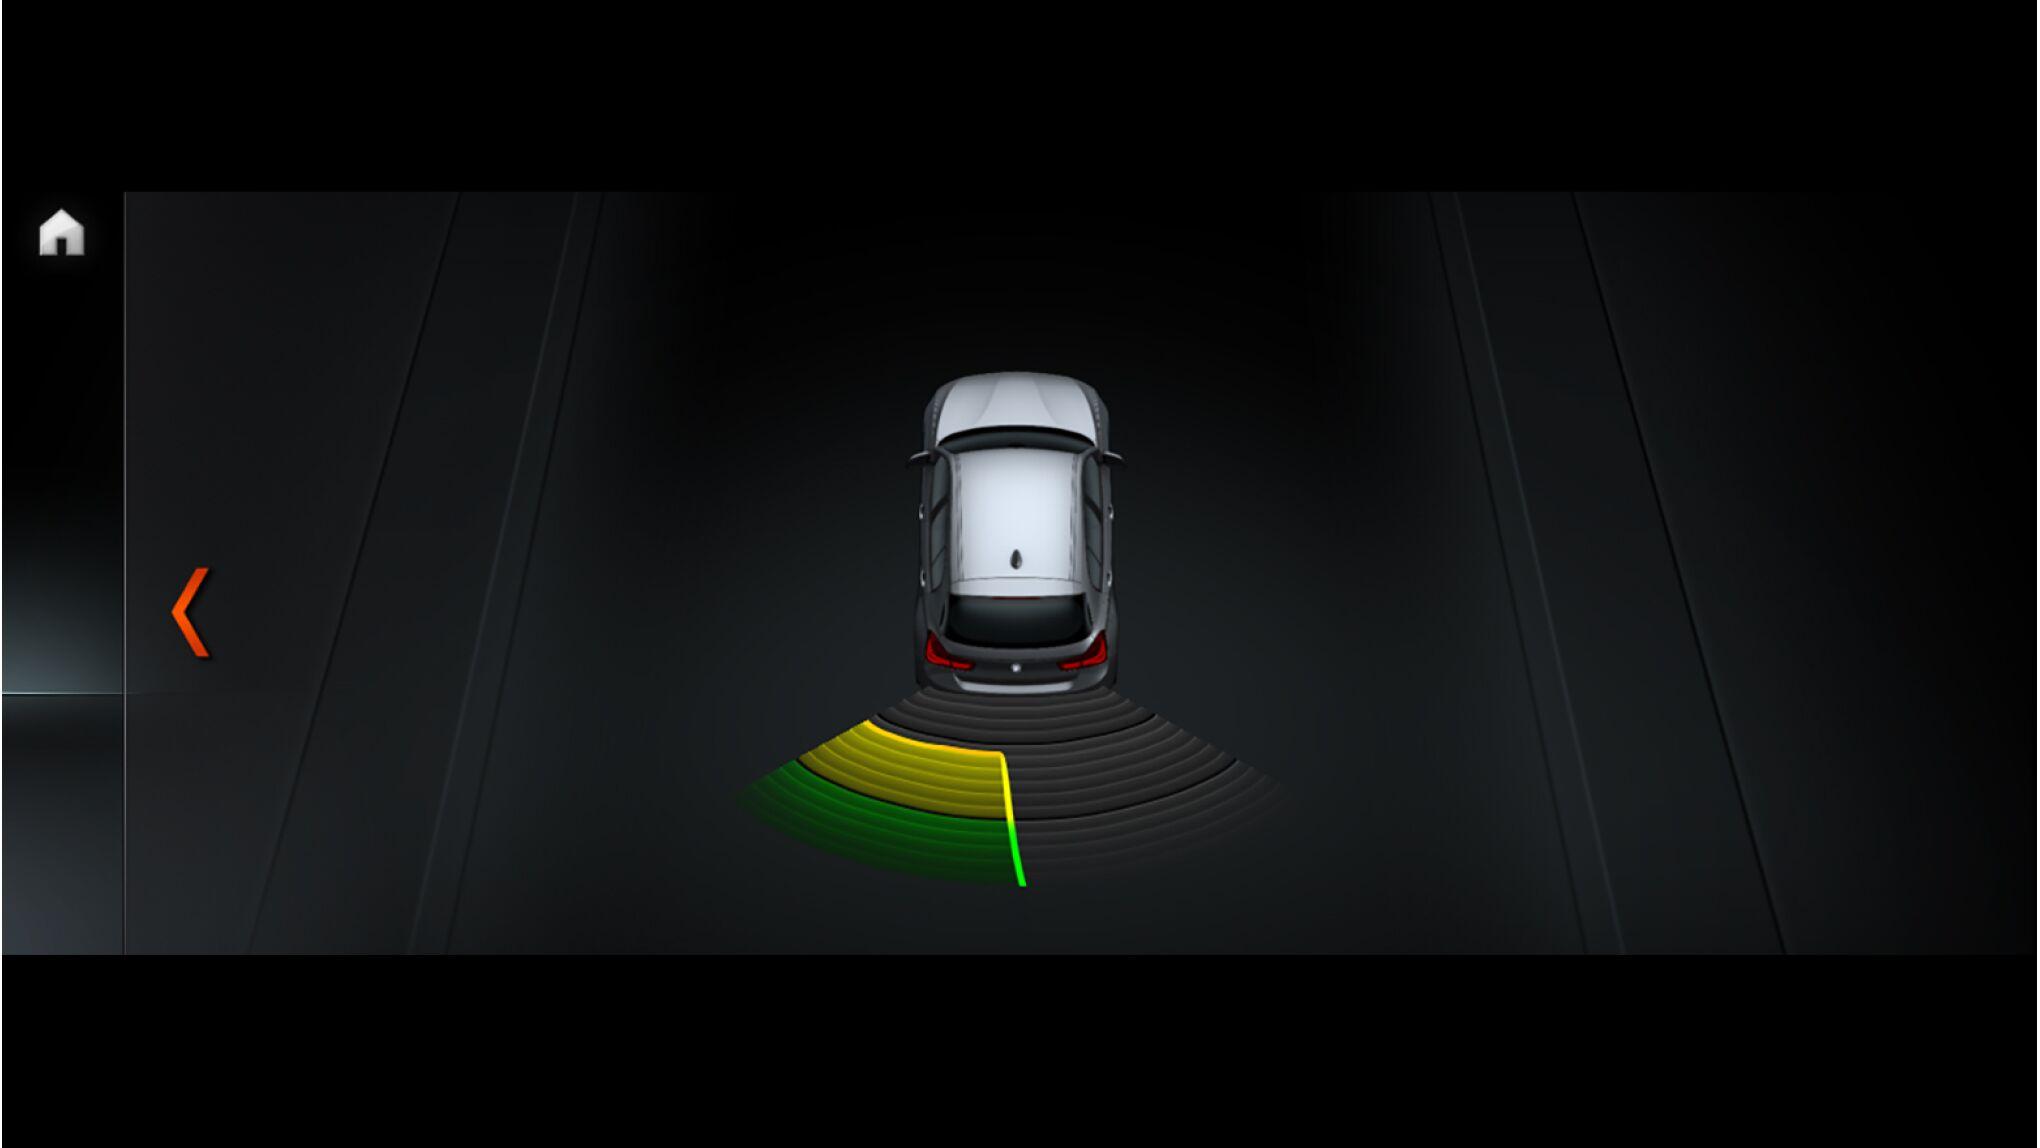 adler motor oferta promociones bmw serie 1 116 descuento toledo talavera cazalegas olias del rey parking assistant